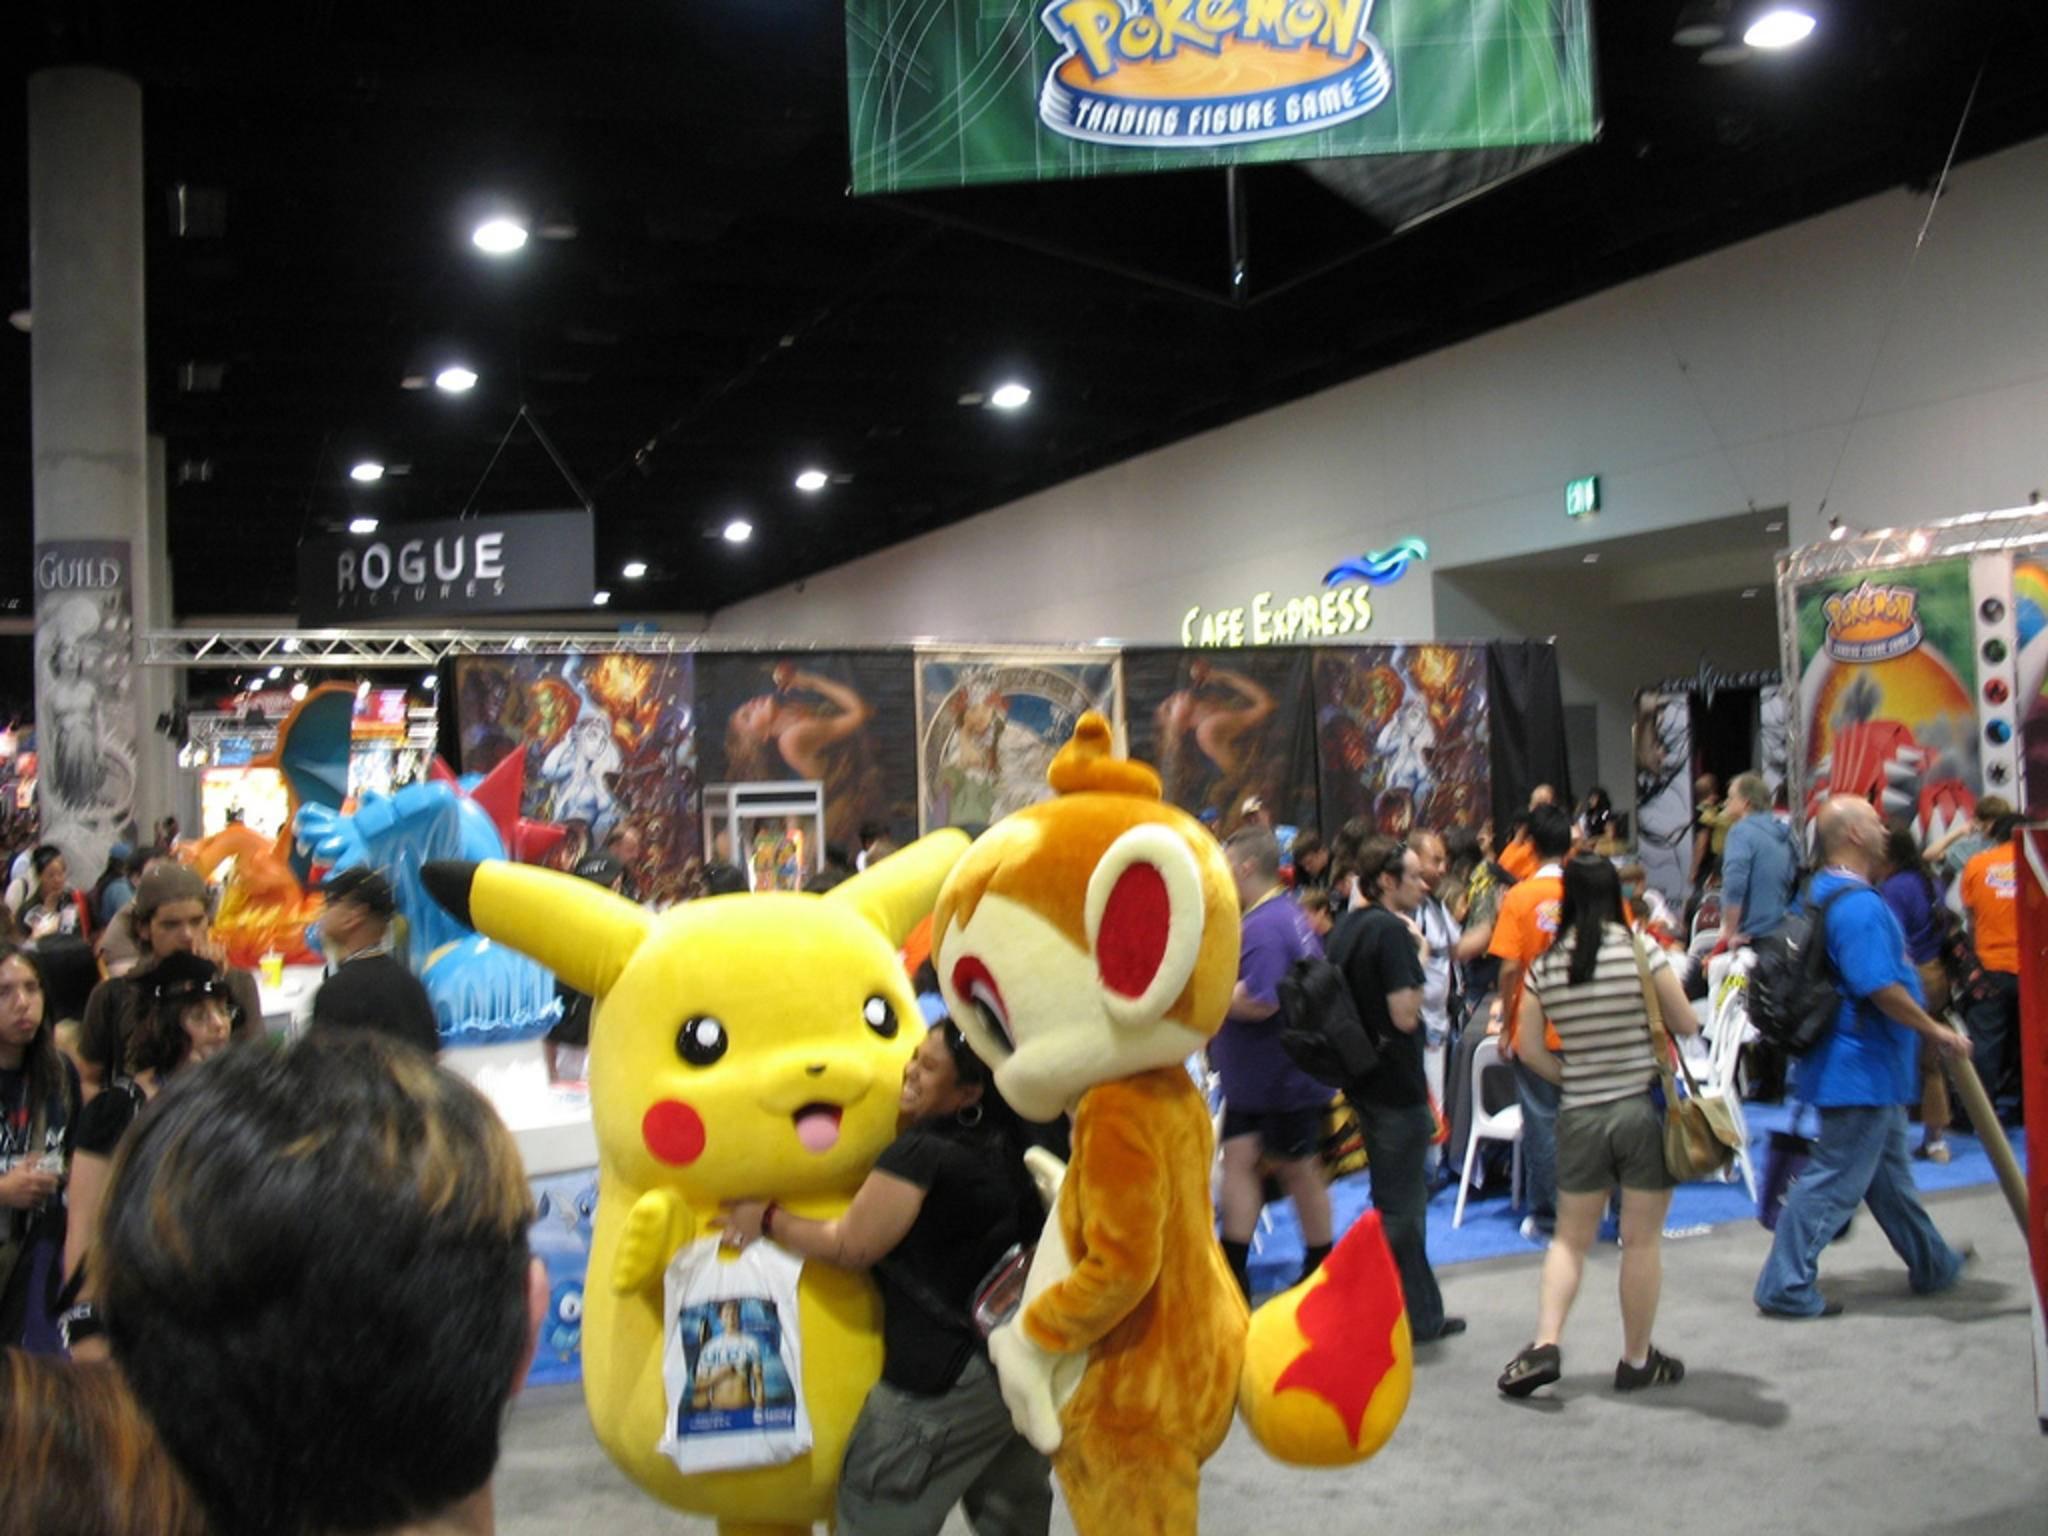 Du kannst jetzt gemeinsam mit Pikachu auf Pokémon-Jagd gehen.